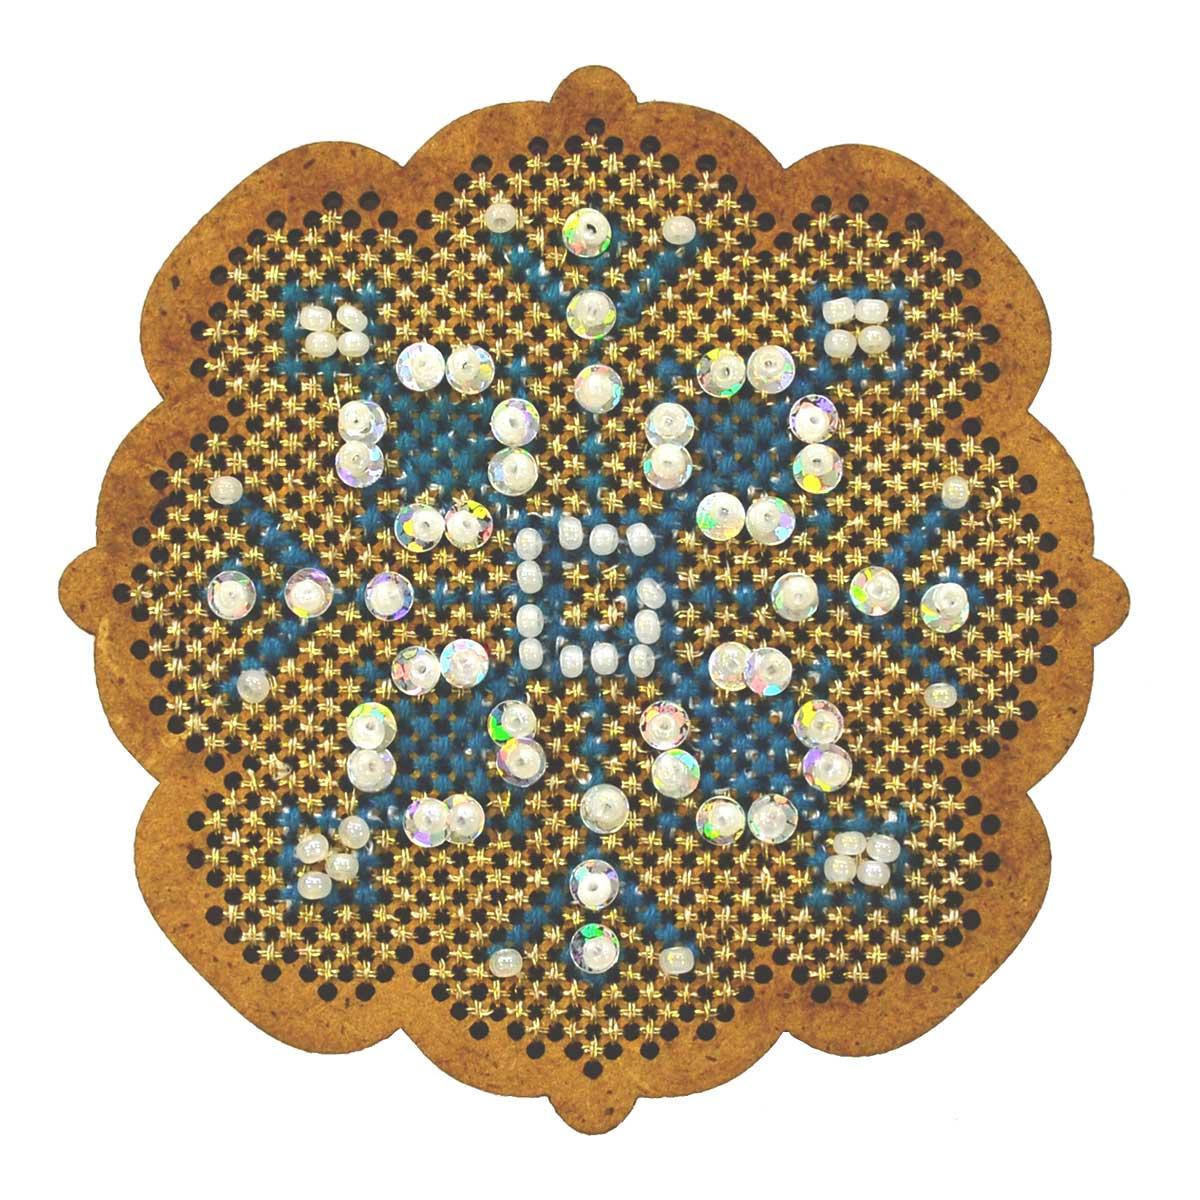 ИК-004 Набор для вышивания крестом на основе Созвездие 'Новогодняя игрушка 'Снежинка' 6,5*6,5см